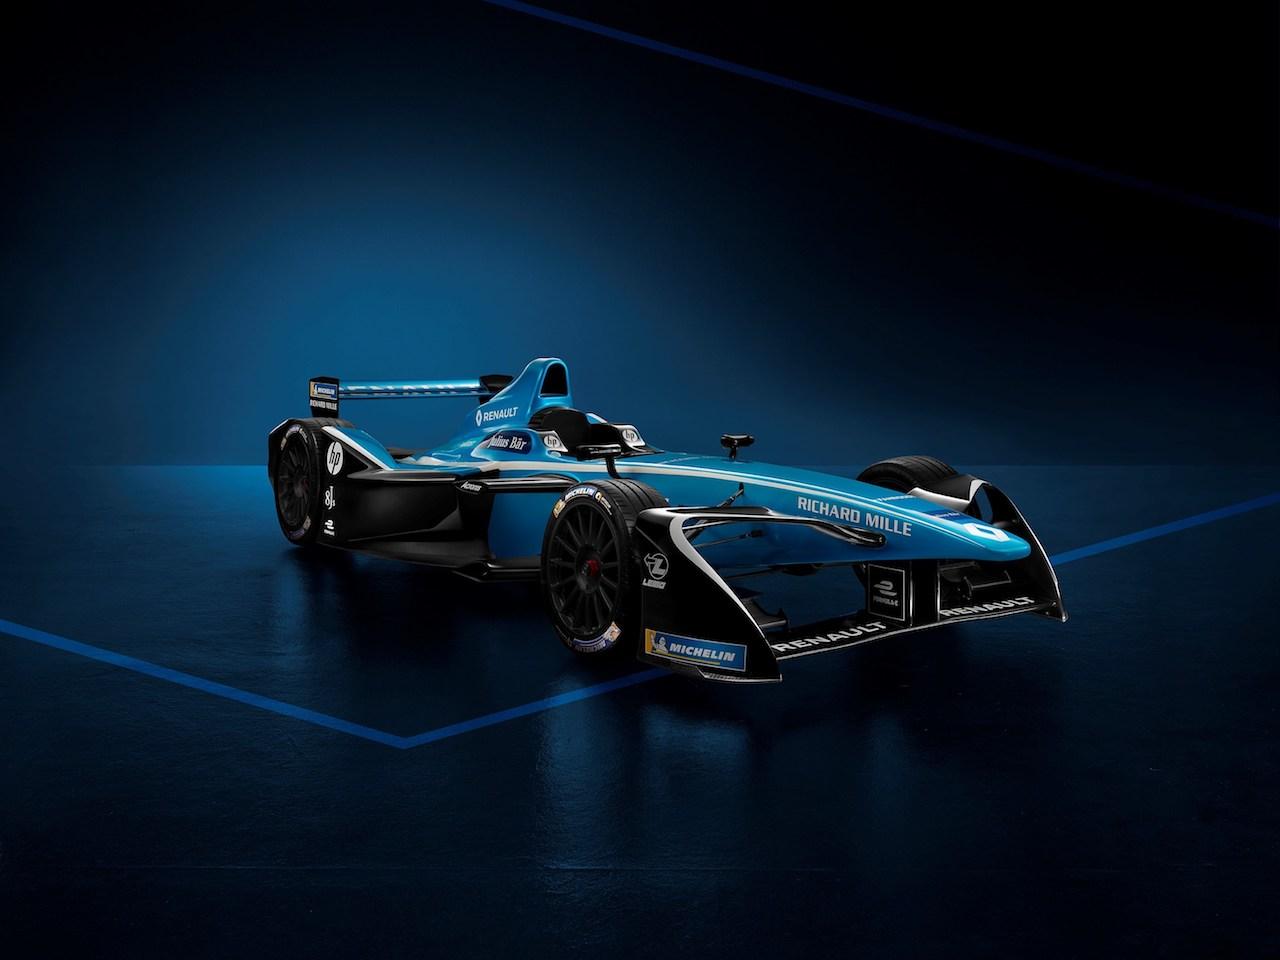 Renault e.dams sigursælt í Formúlu rafbíla